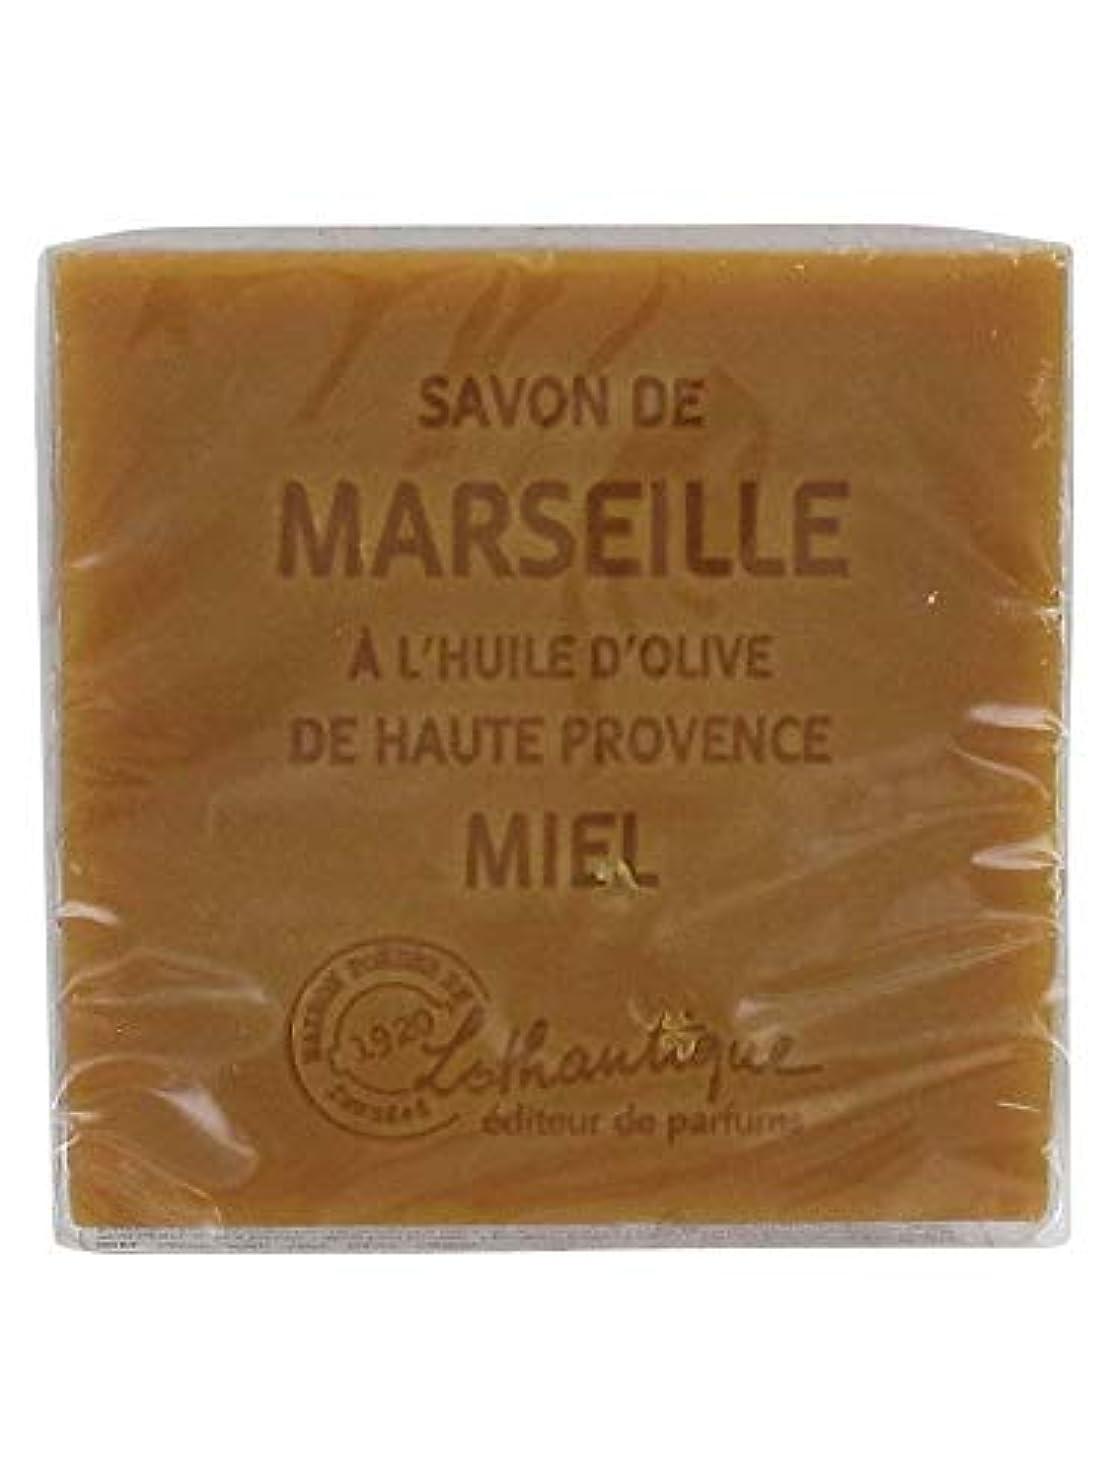 メンバー断線傀儡Lothantique(ロタンティック) Les savons de Marseille(マルセイユソープ) マルセイユソープ 100g 「ハニー」 3420070038074